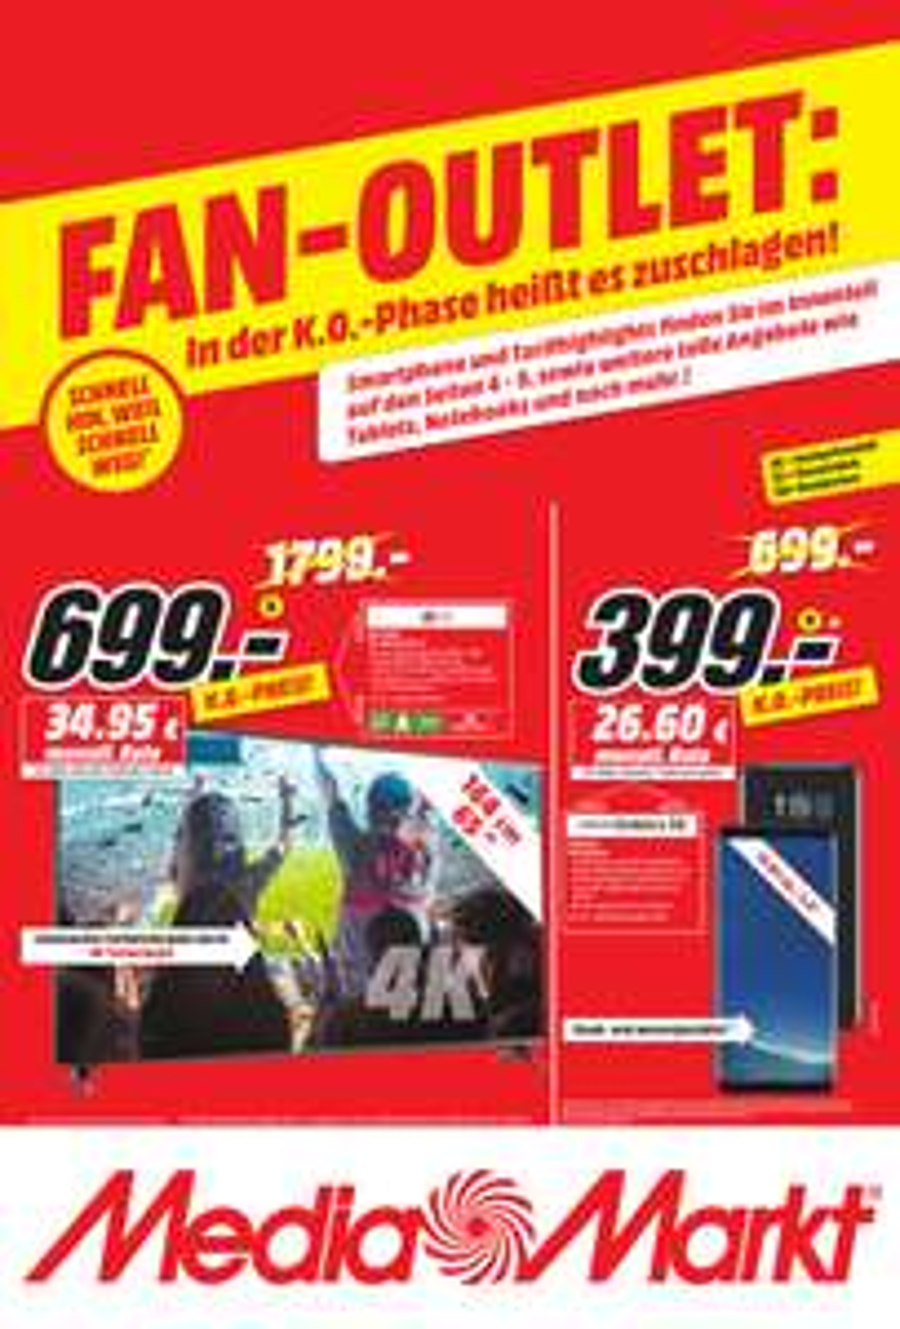 [MediaMarkt Koblenz] LG 65 UJ6309 für 699€, Samsung Galaxy S8 für 399